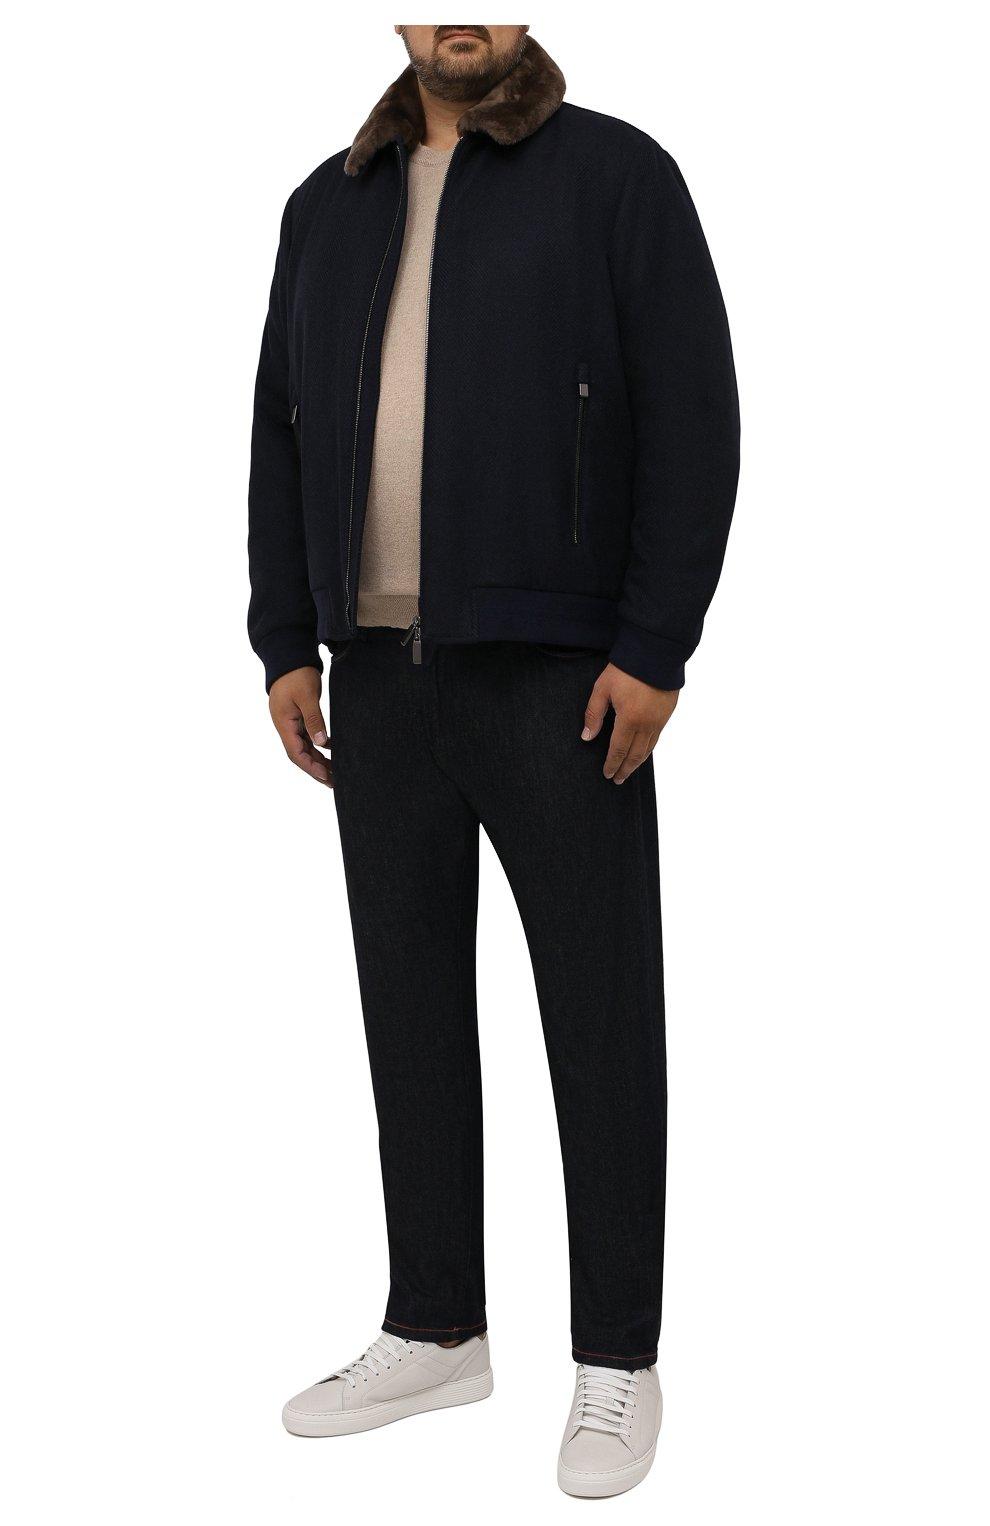 Мужской бомбер с меховой отделкой CANALI темно-синего цвета, арт. 040656P/SG02120   Фото 2 (Кросс-КТ: Куртка; Big sizes: Big Sizes; Мужское Кросс-КТ: шерсть и кашемир; Материал внешний: Шерсть; Рукава: Длинные; Принт: Без принта; Стили: Классический; Материал подклада: Синтетический материал; Длина (верхняя одежда): Короткие)